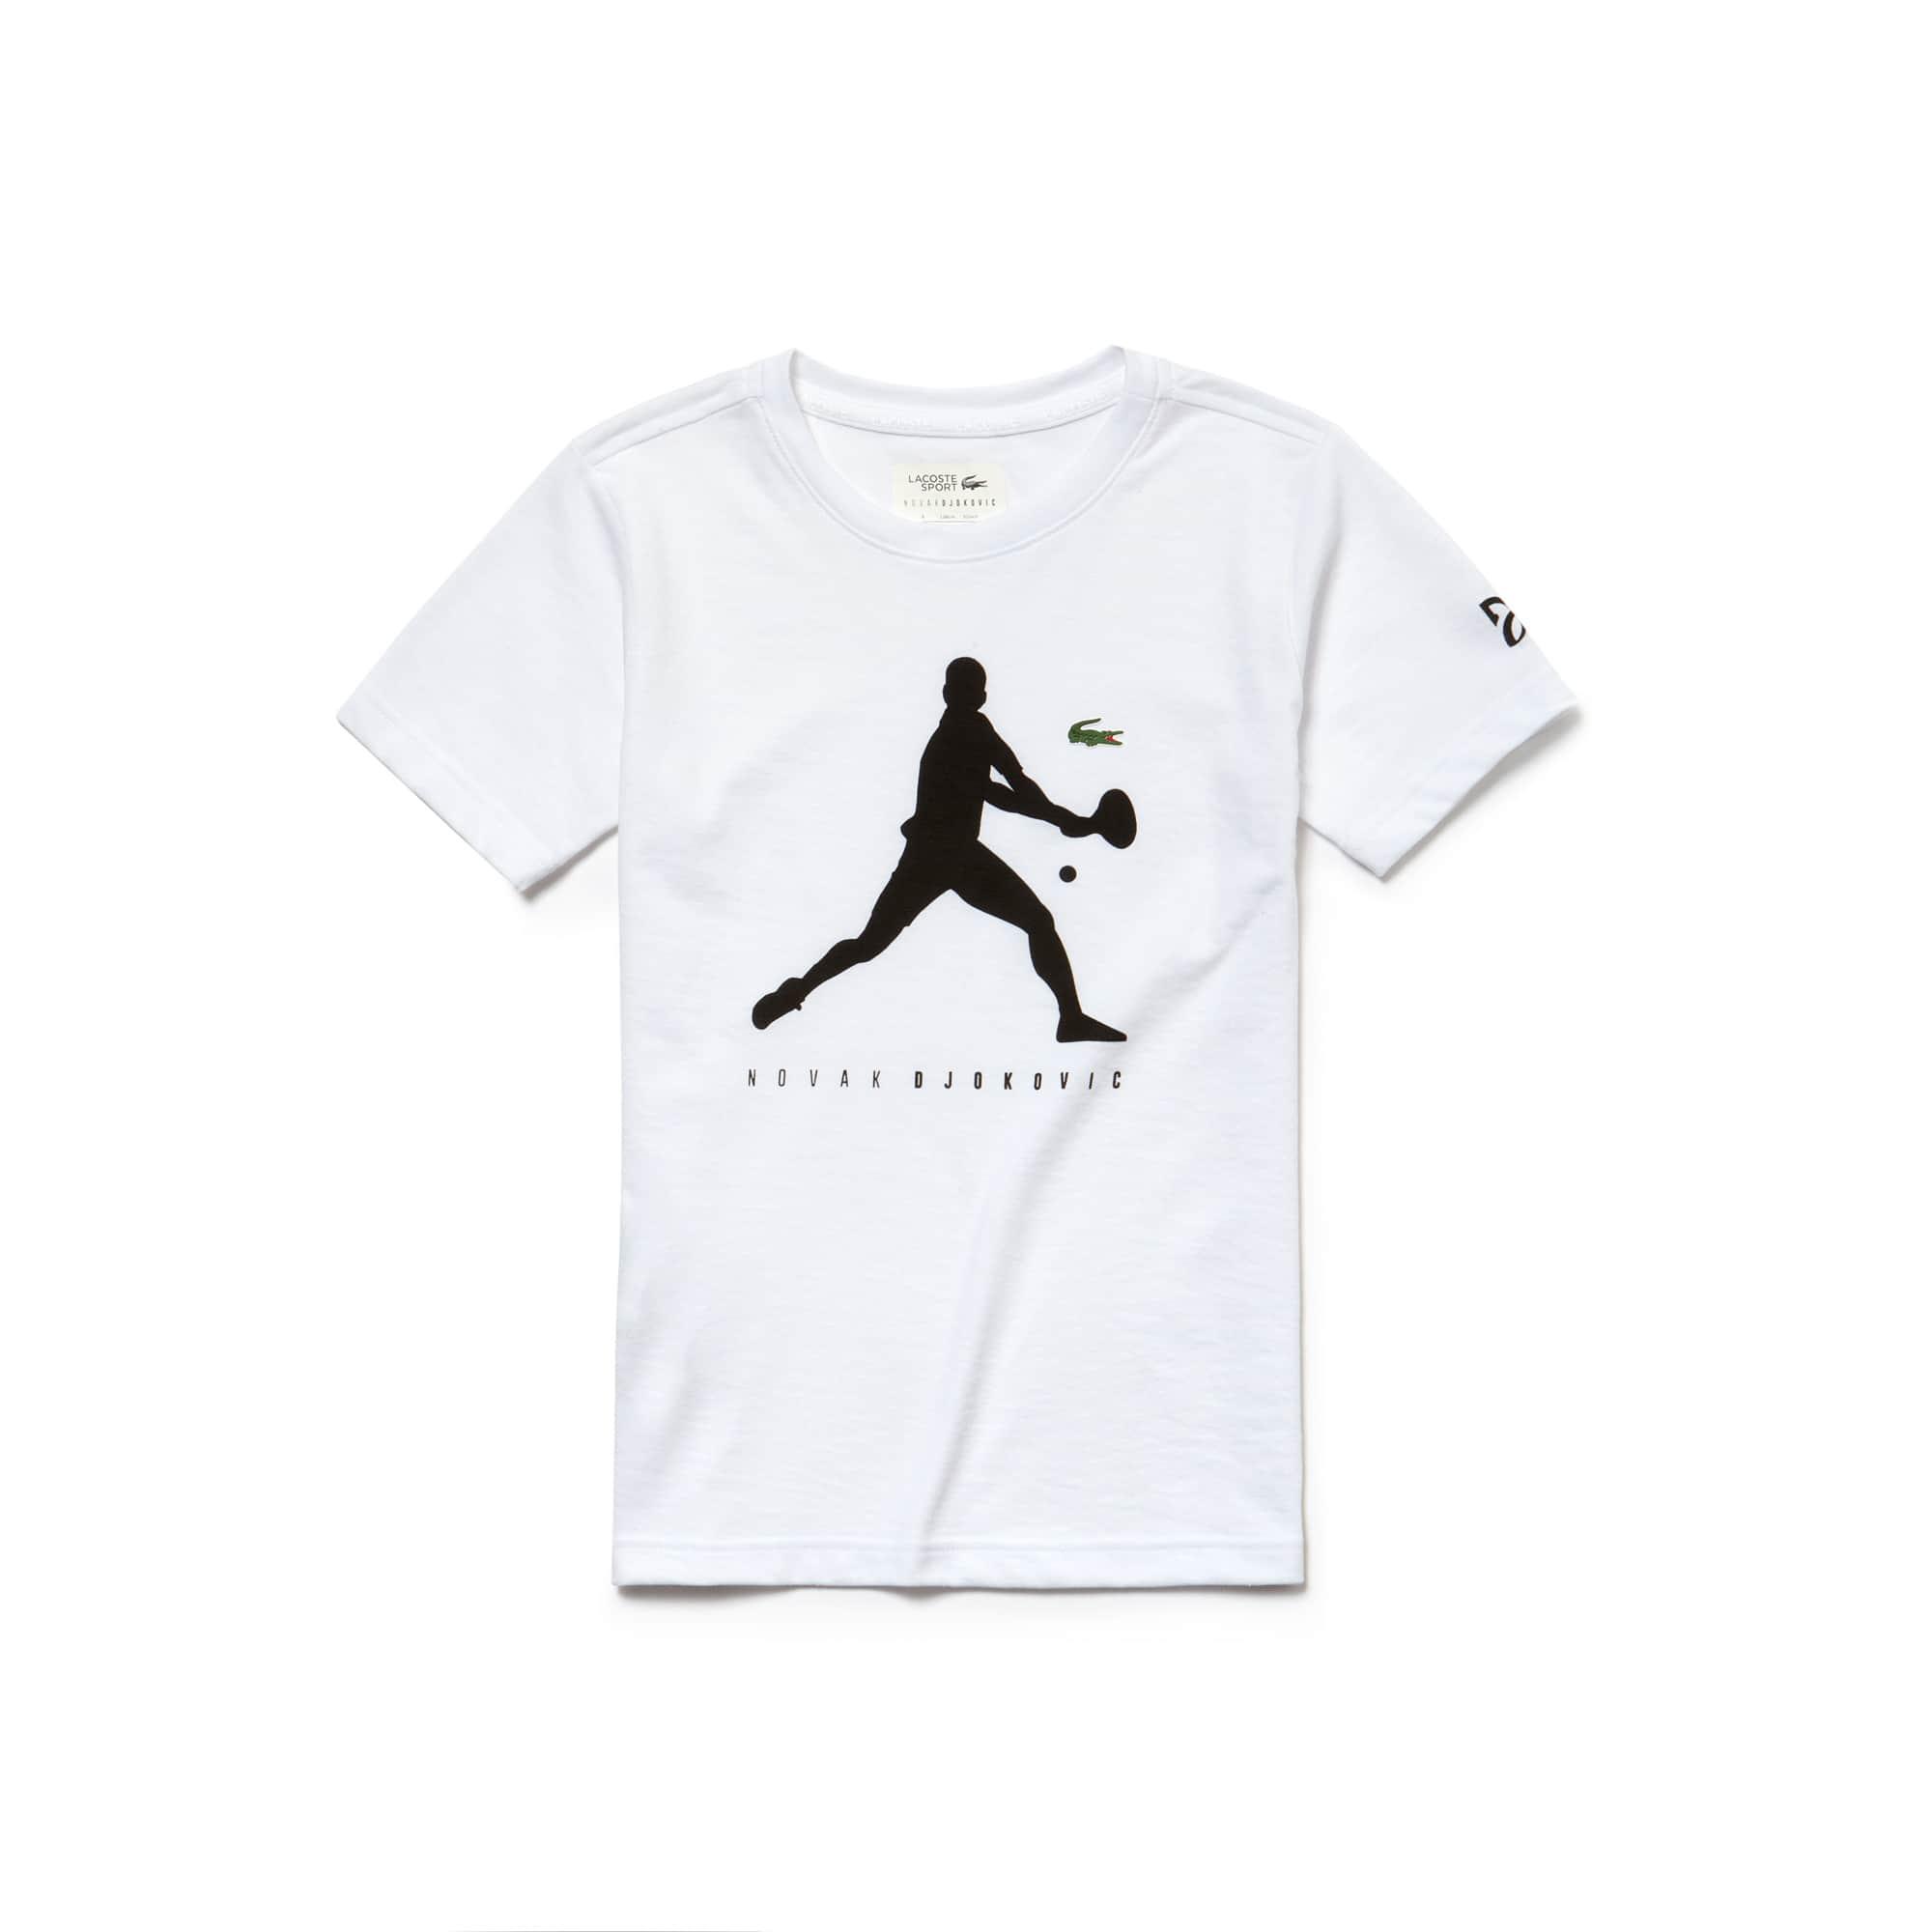 T-shirt Menino Lacoste SPORT COLEÇÃO NOVAK DJOKOVIC SUPPORT WITH STYLE em jersey técnico